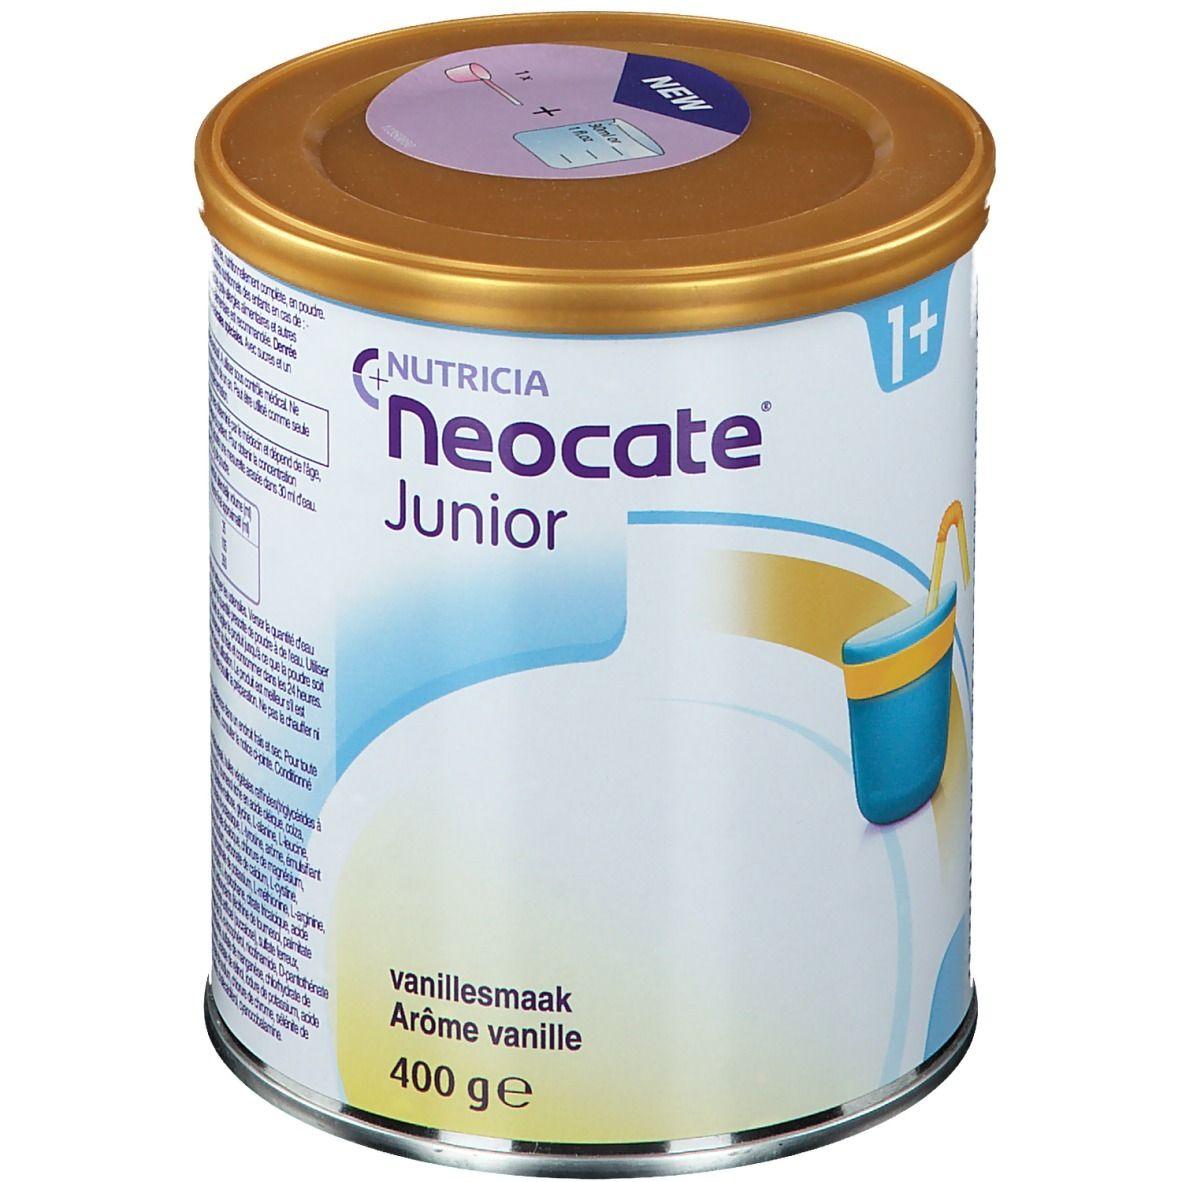 Image of Nutricia Neocate® Junior Vanille